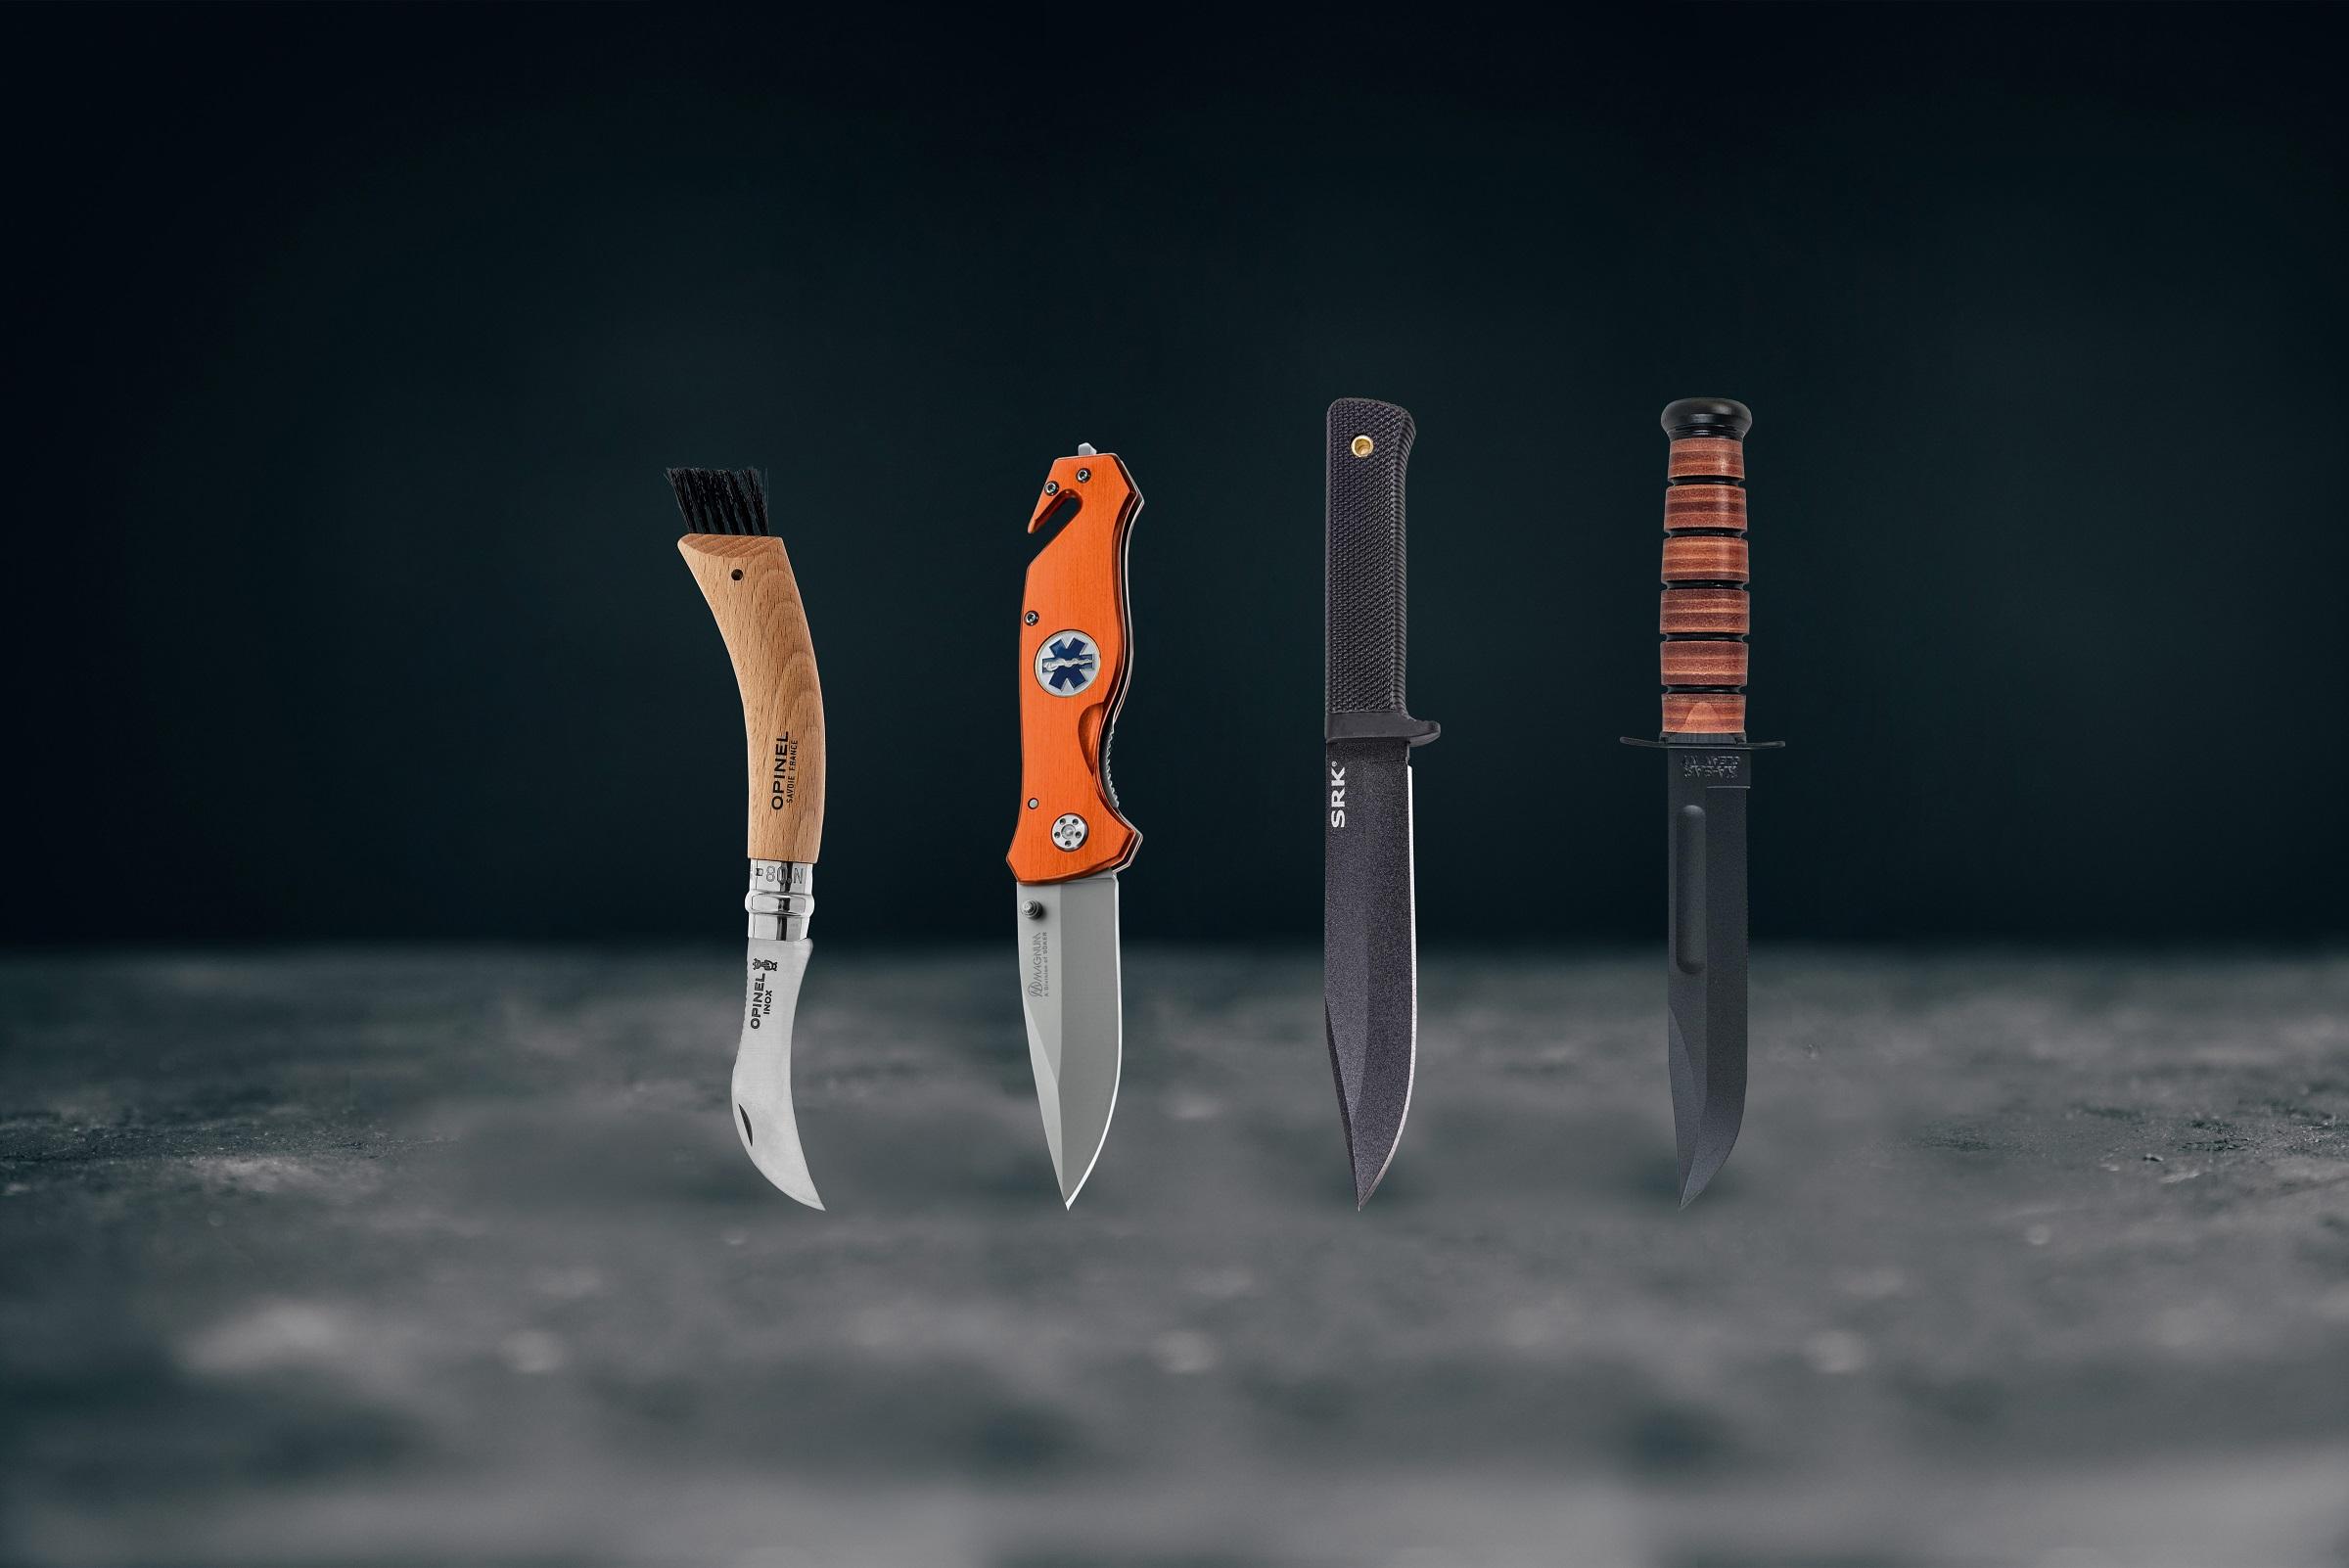 Noże specjalistyczne, czyli dobierz nóż do zadania